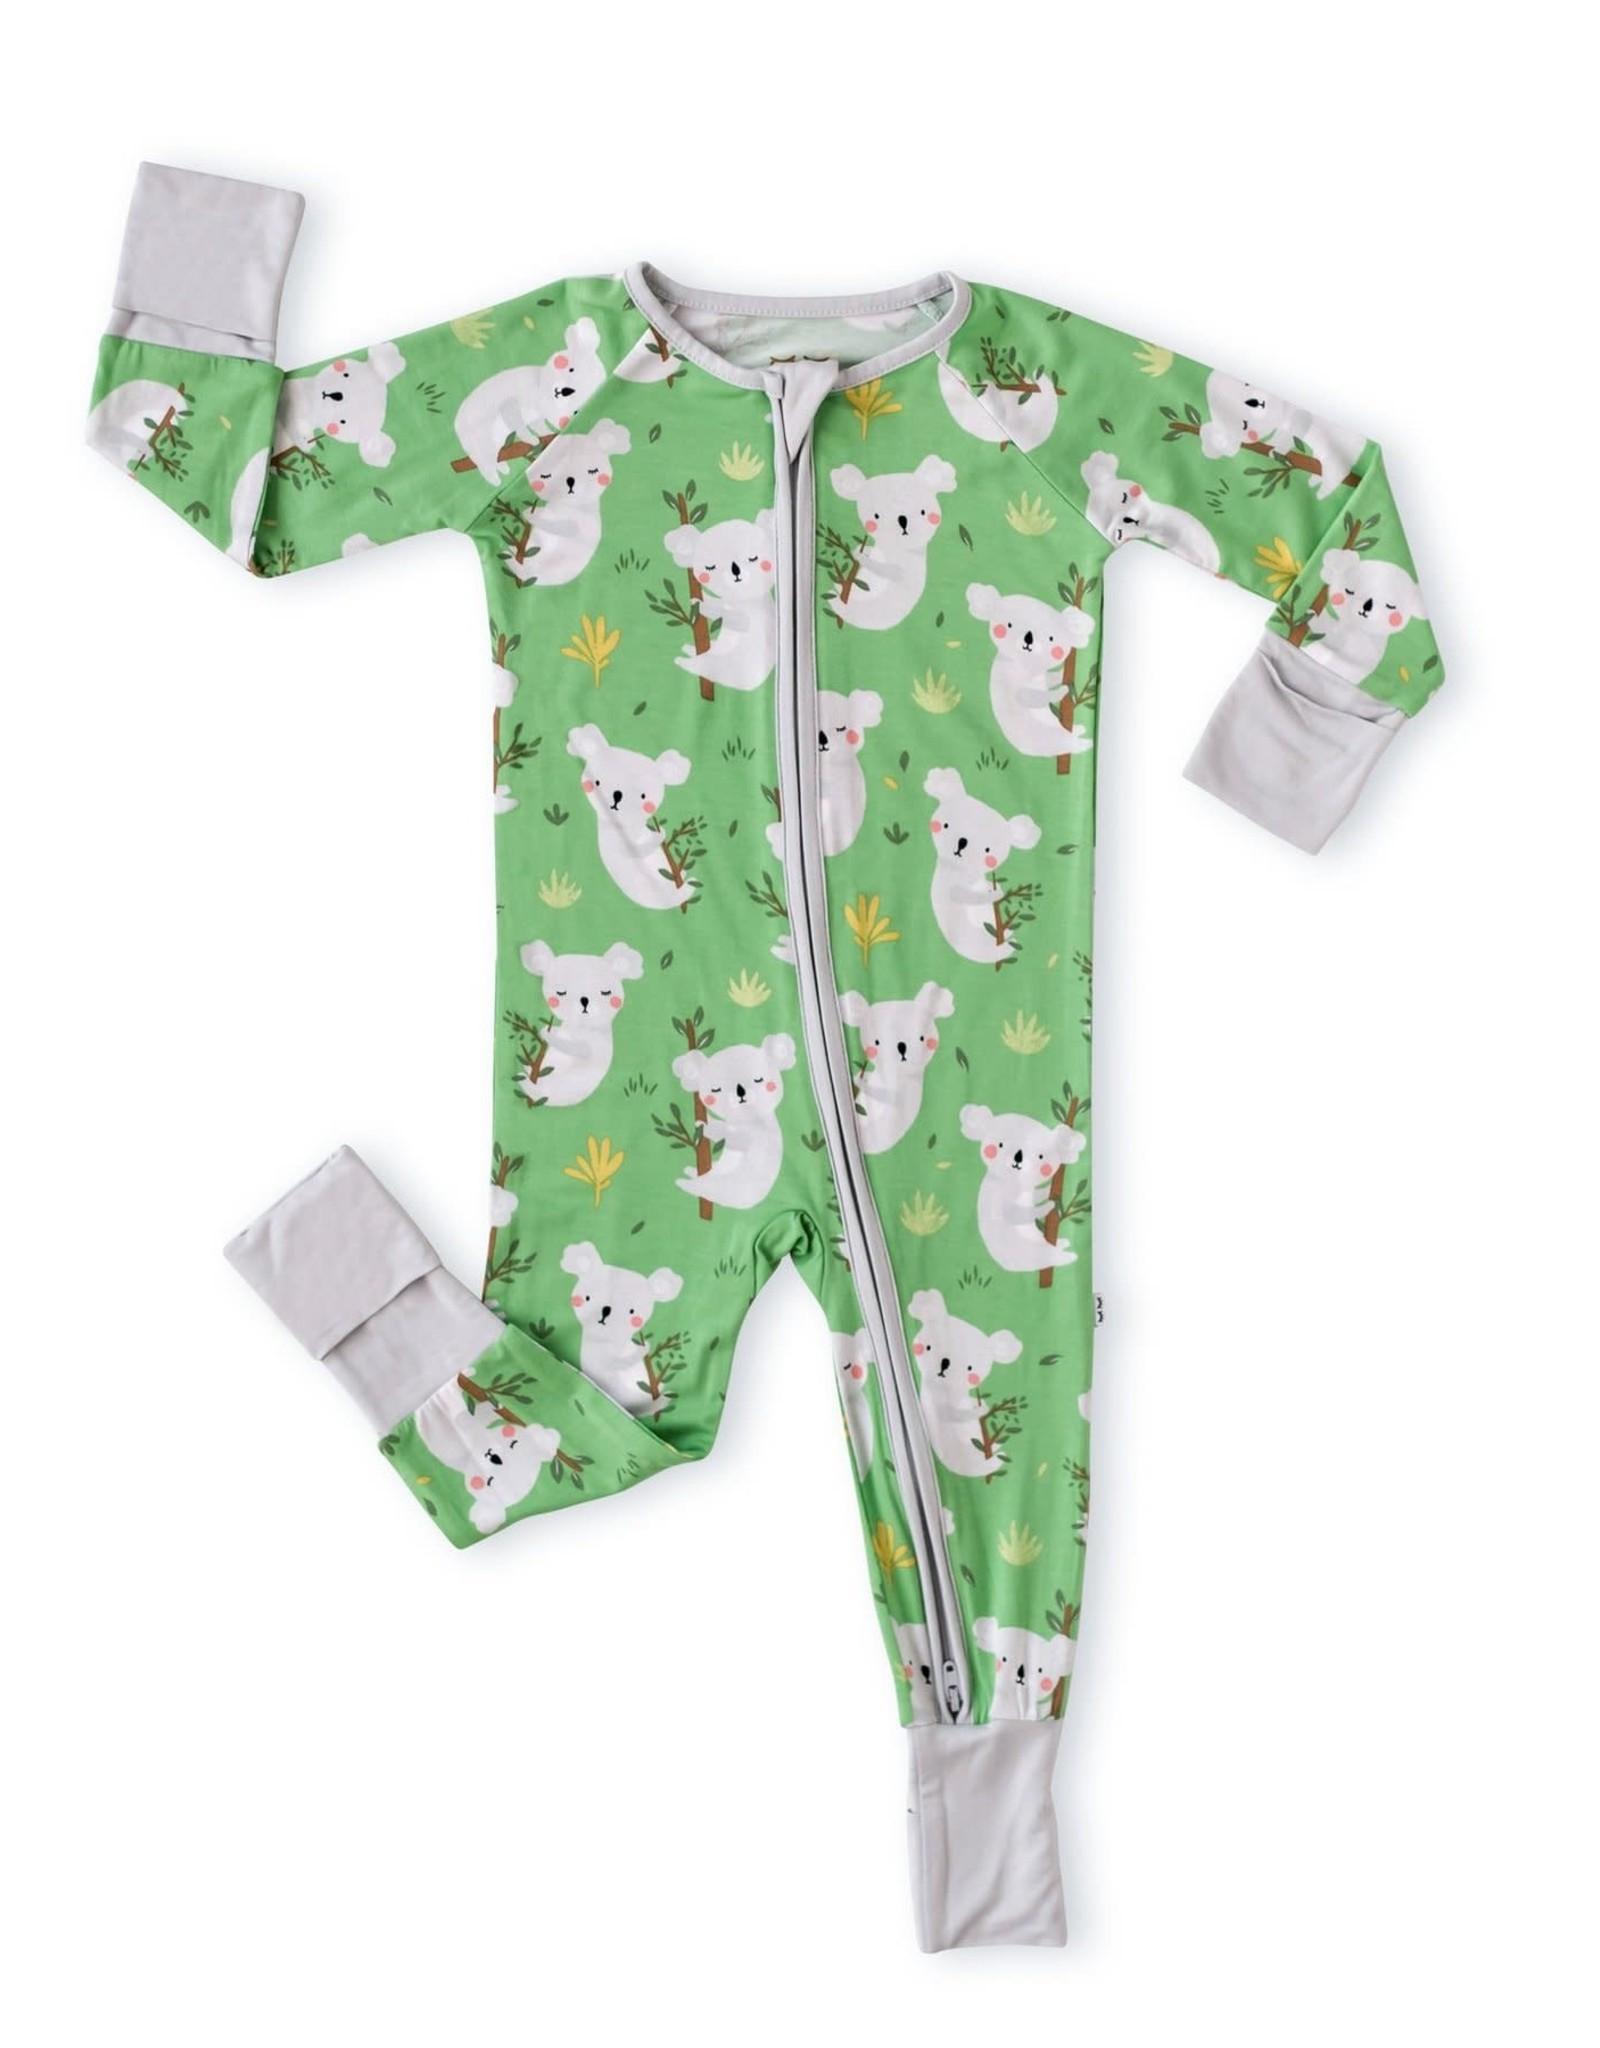 Little Sleepies Green Koalas Bamboo Zippy Convertible Romper/Sleeper